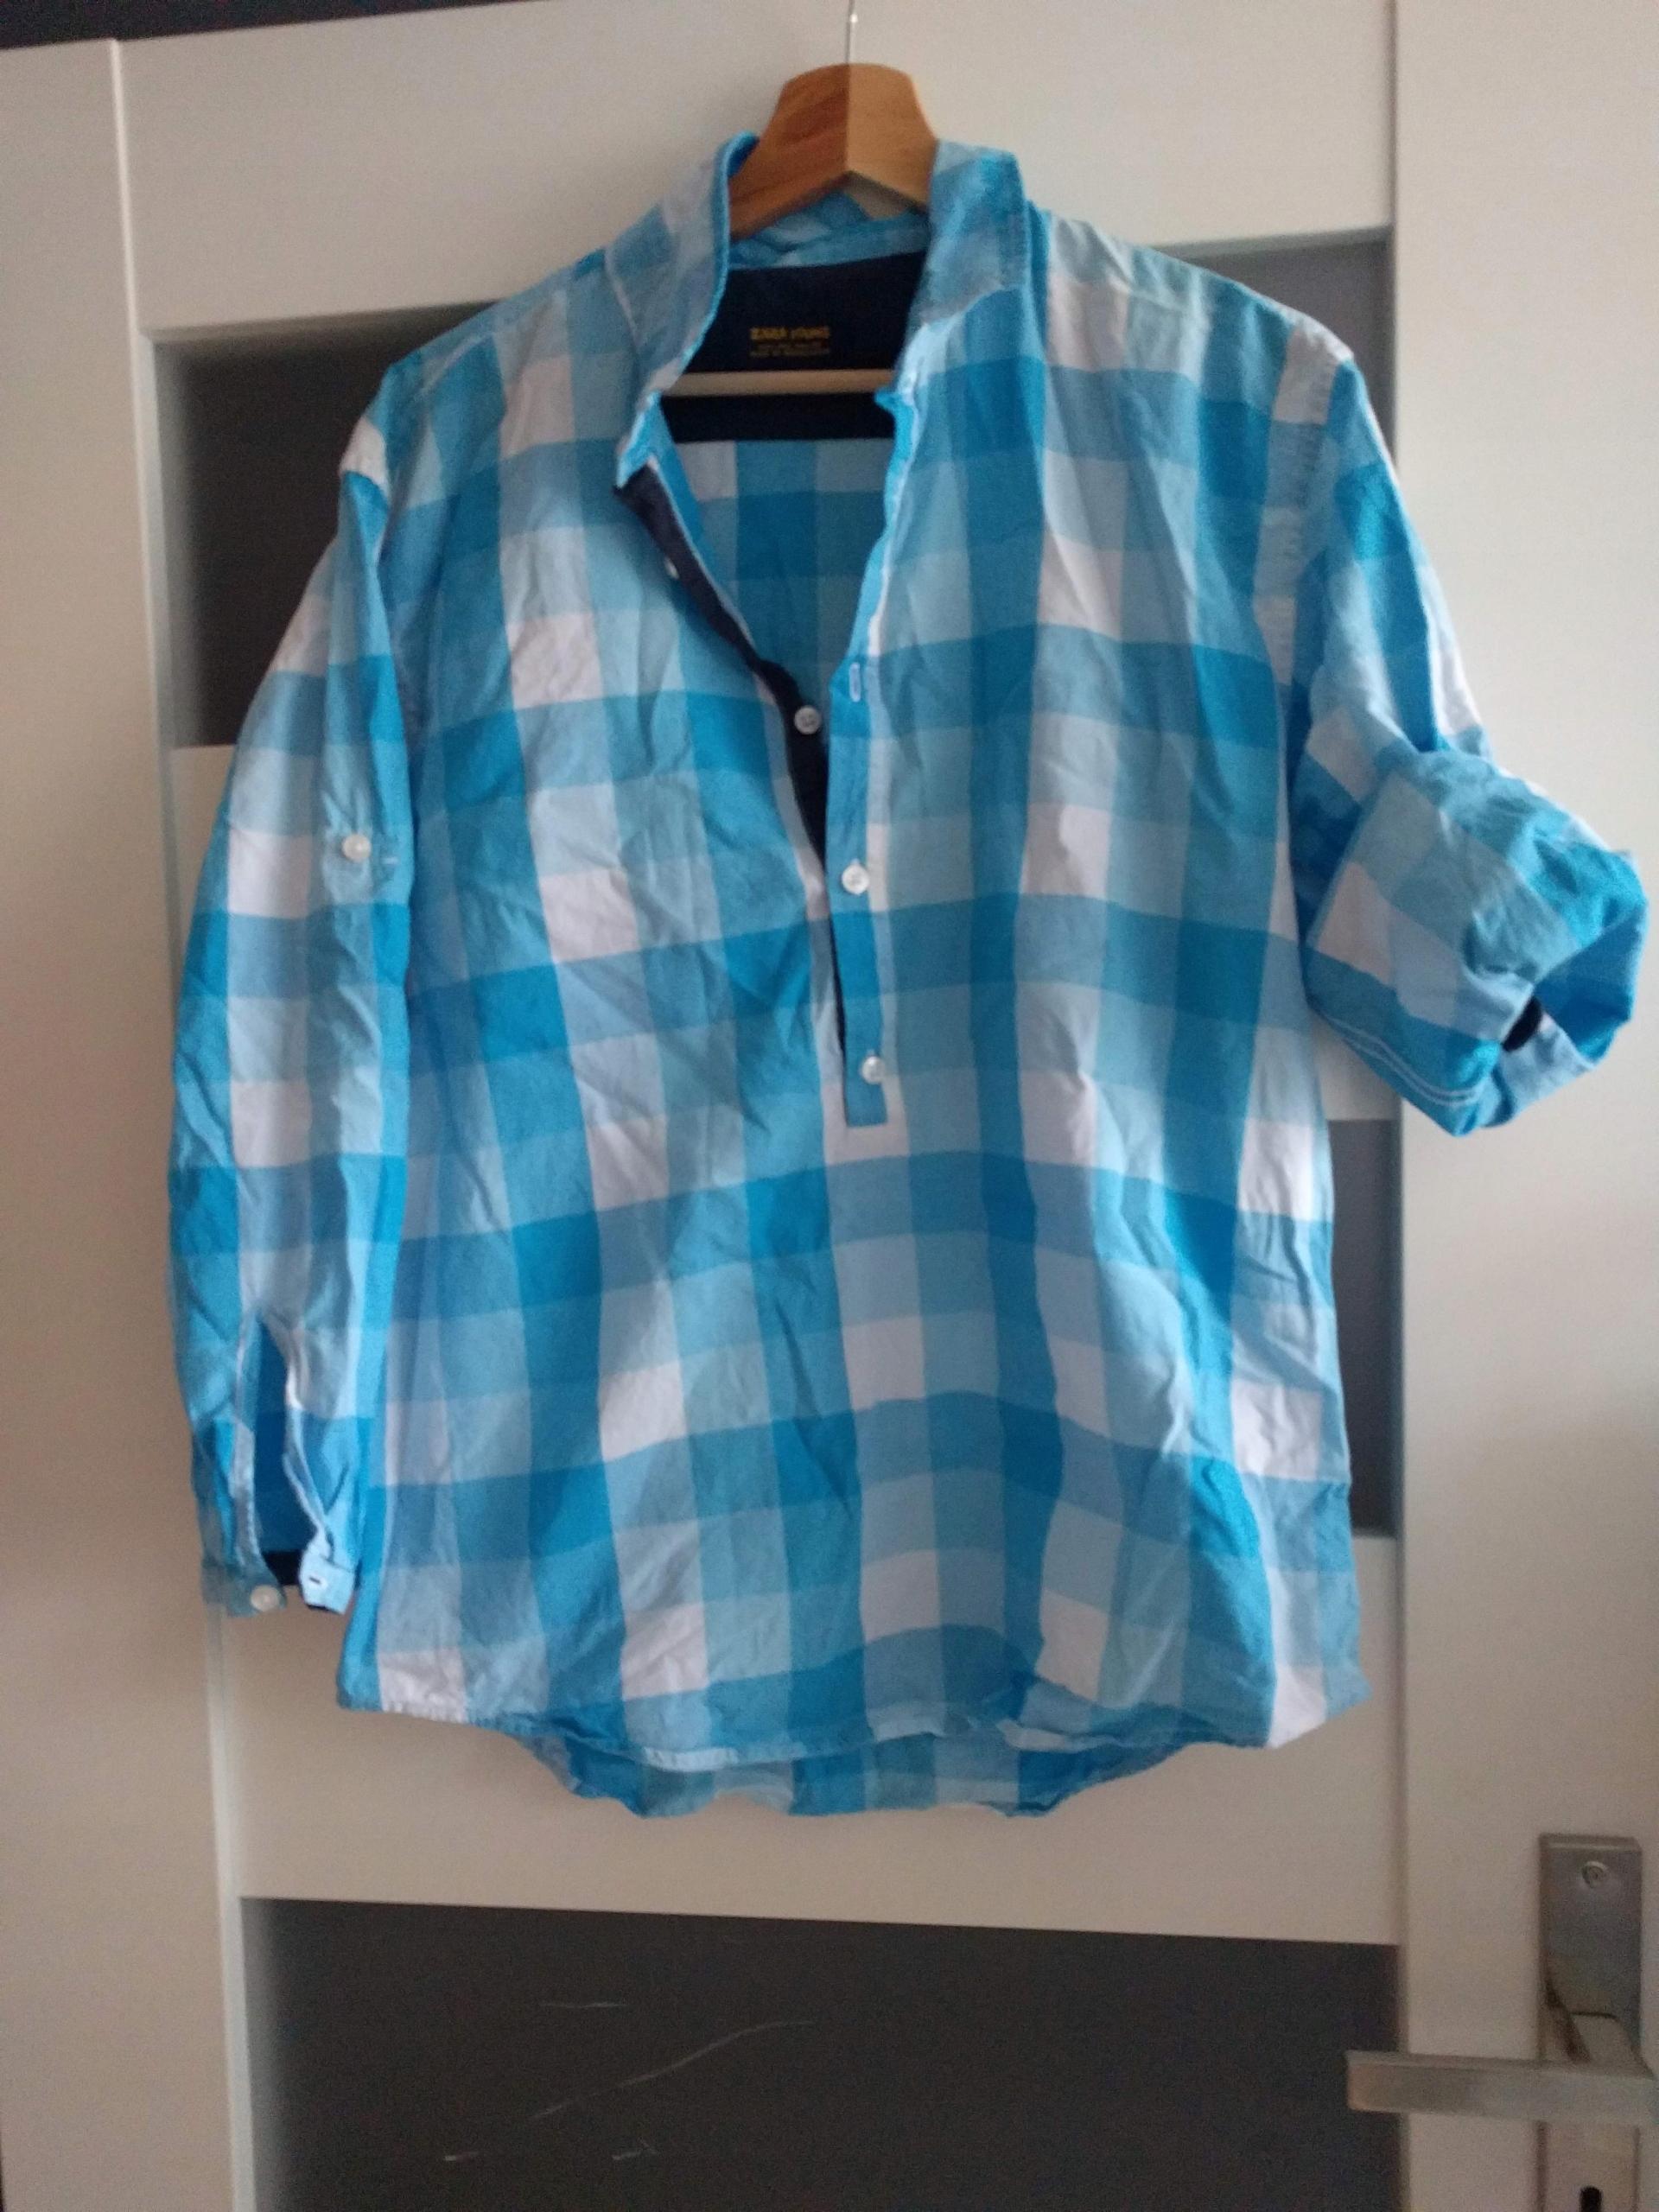 Koszula chłopięca ZARA YOUNG, rozmiar L